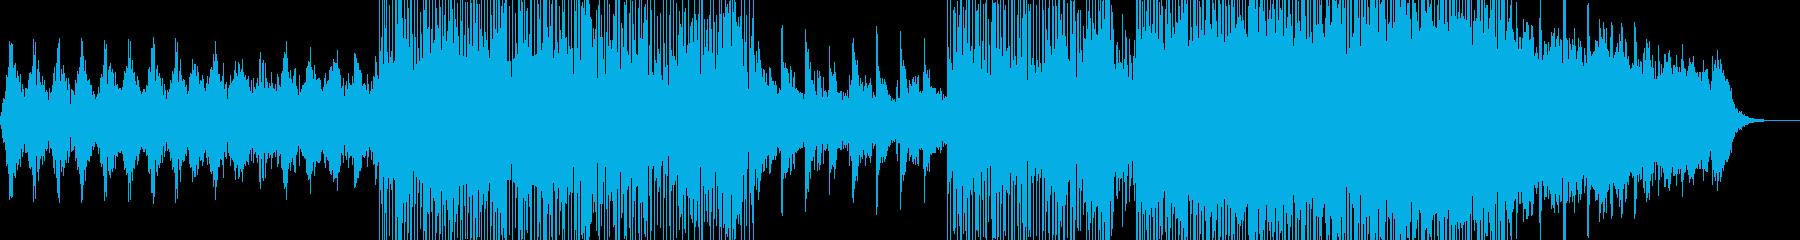 映像のためのポップインストー水晶の再生済みの波形